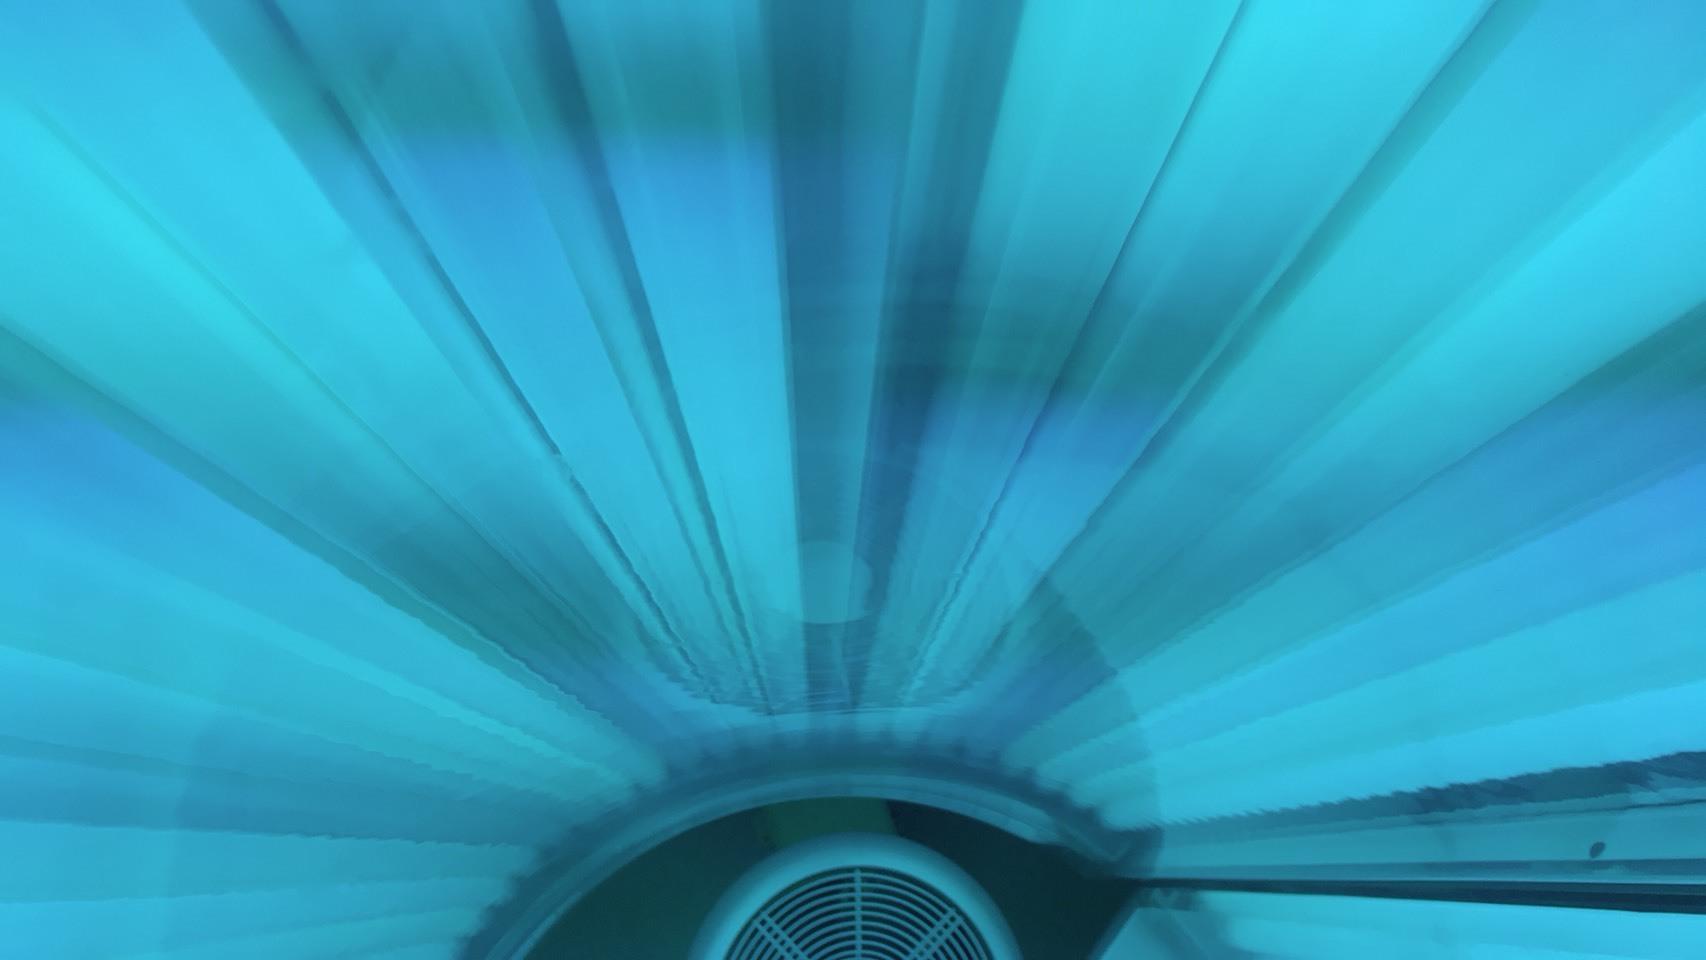 1月29日(月)トミーベース カスタムブログ☆新型ヴェルファイア LS460ご成約☆A様BMW納車☆_b0127002_10325685.jpg